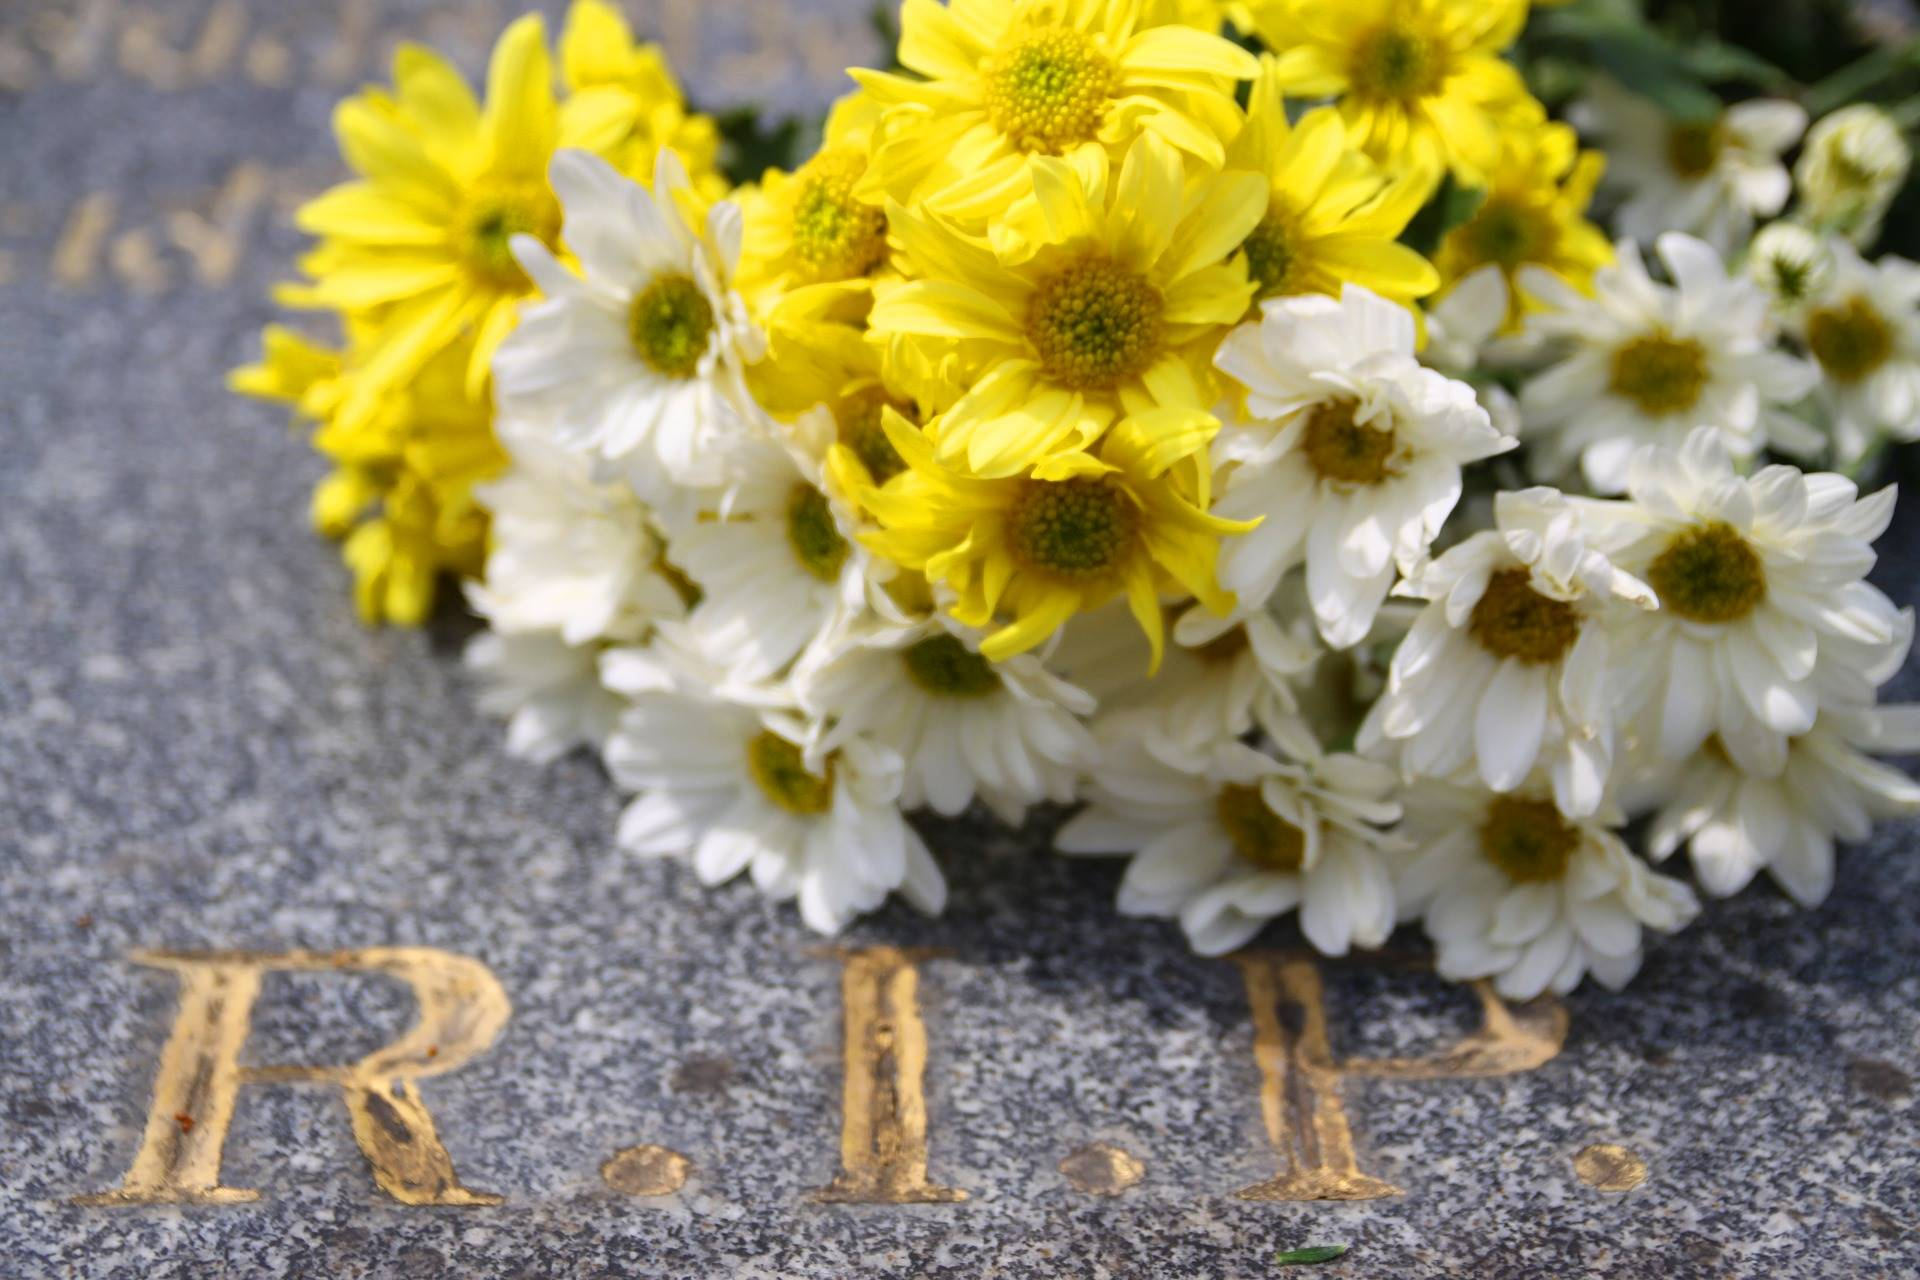 Hoe dichters eenzame doden eren die verder niemand hebben